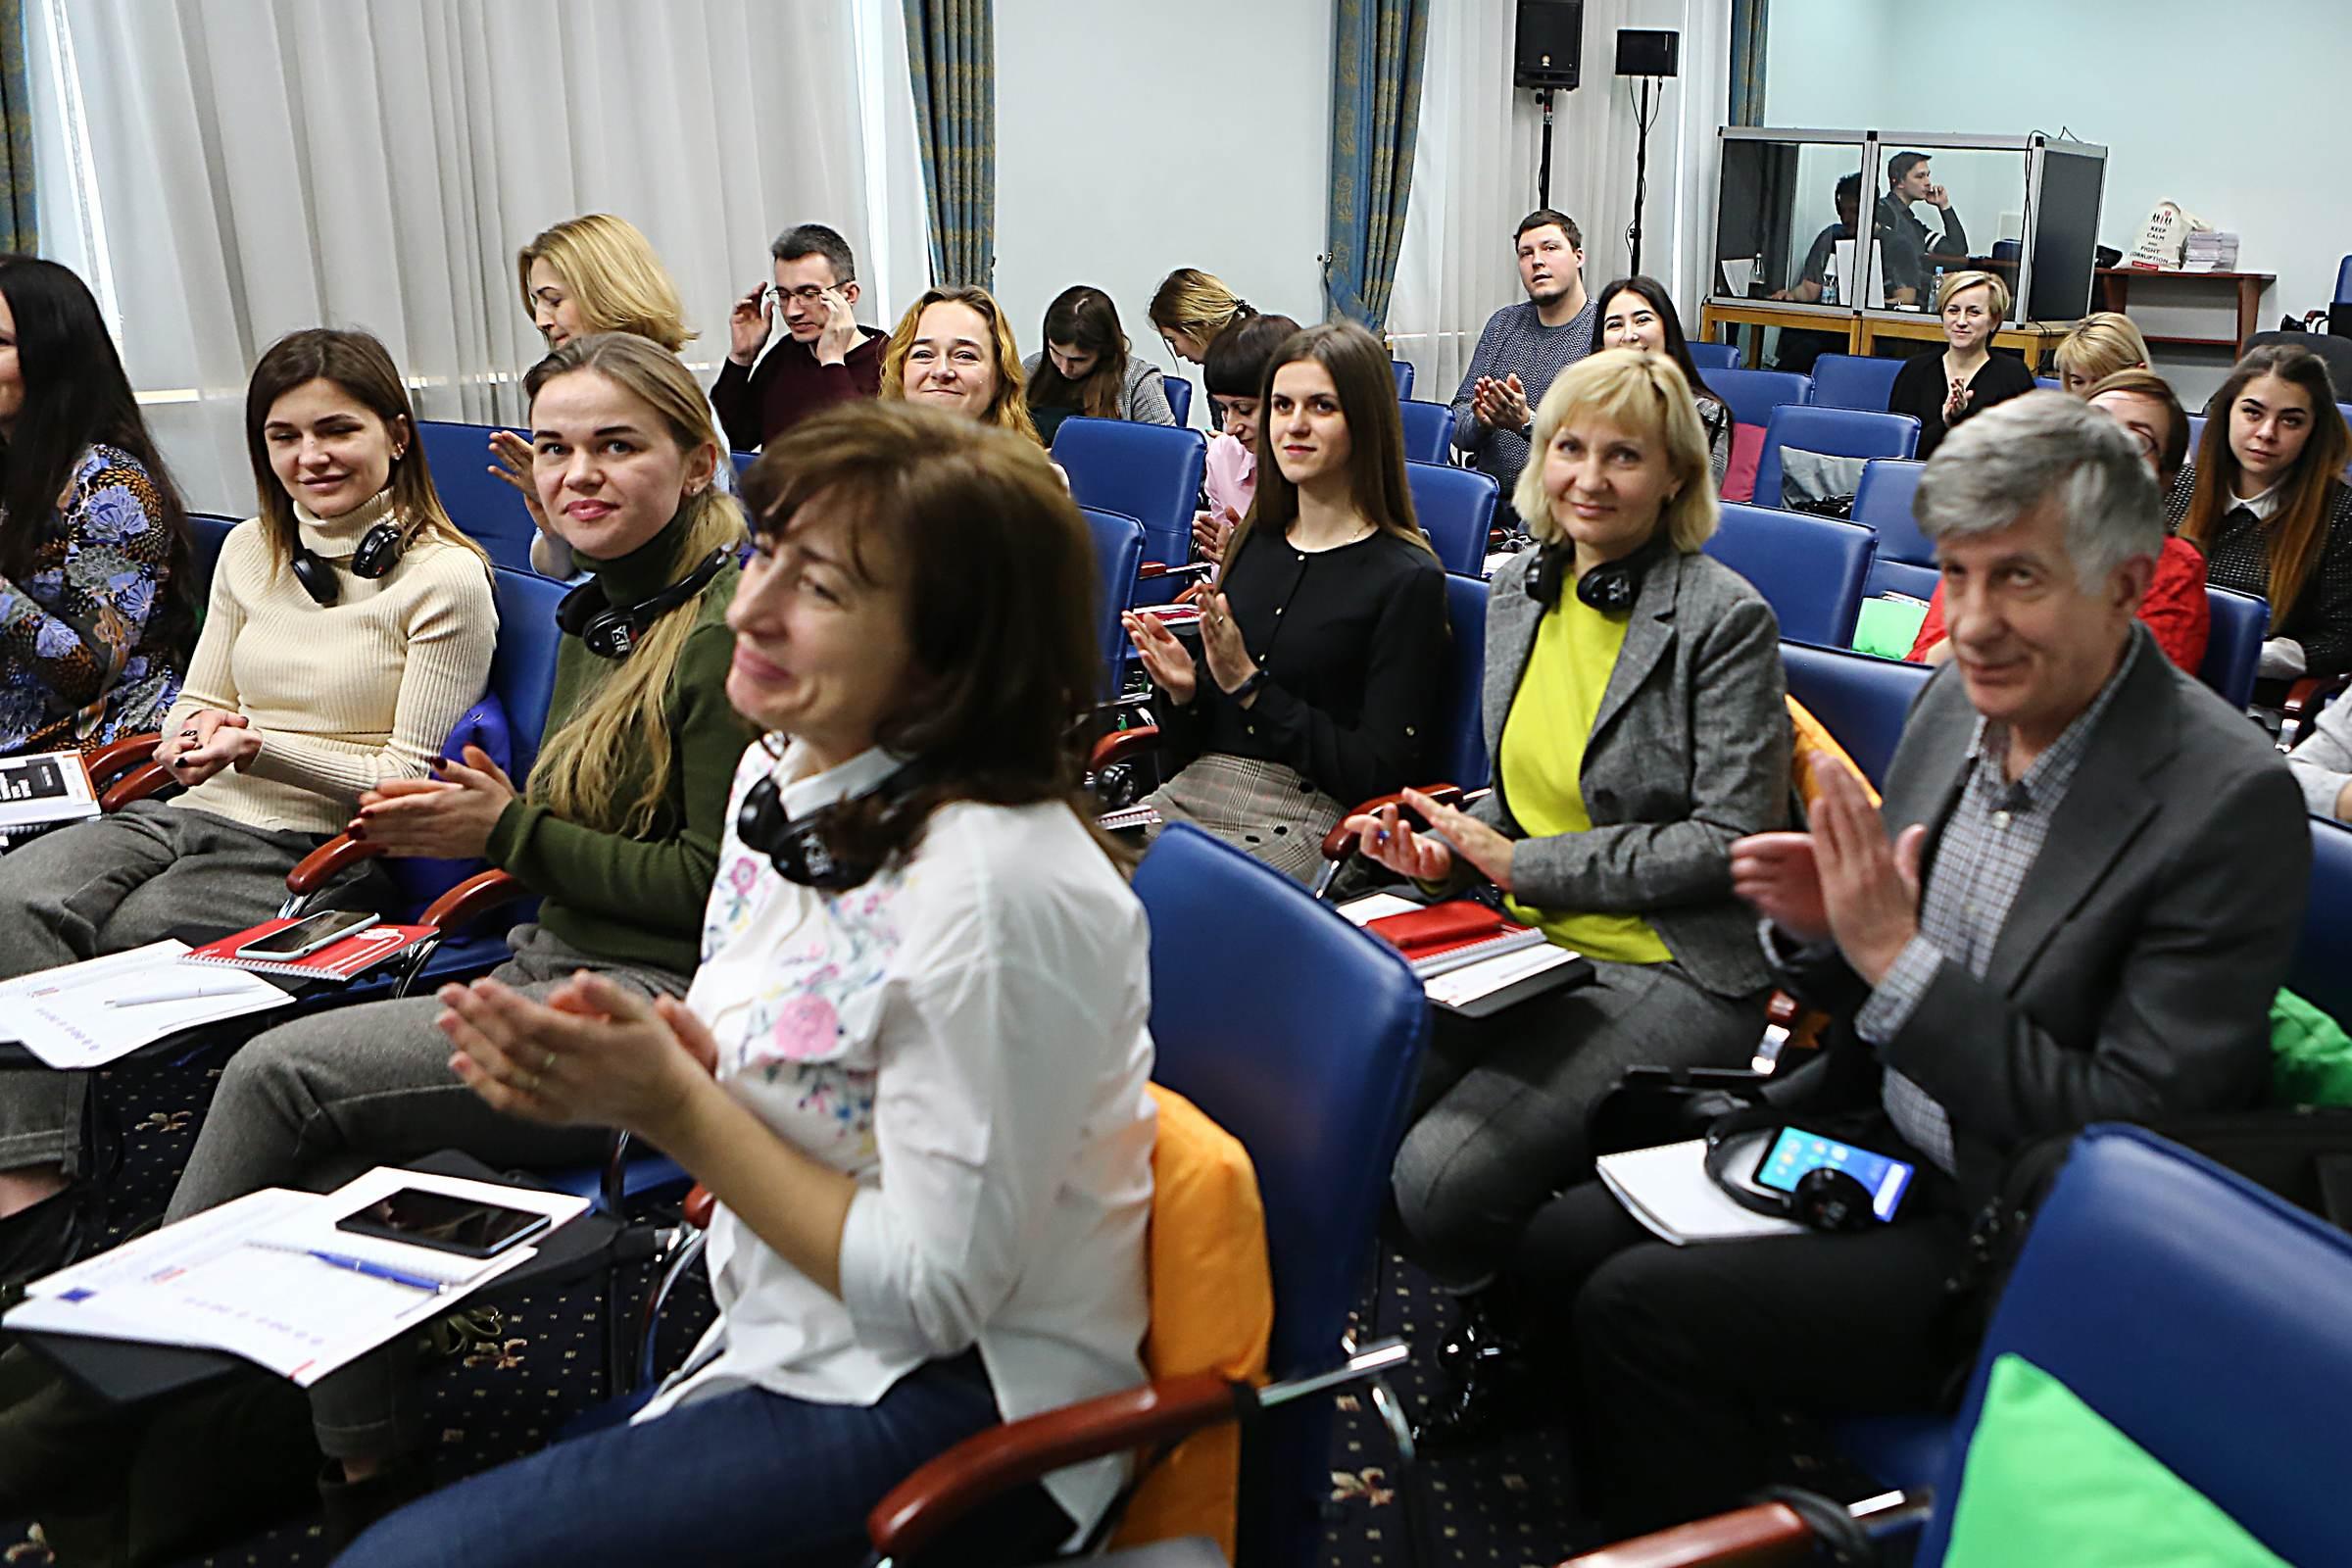 Як досягти ефективних антикорупційних комунікацій вчилися сьогодні фахівці з регіонів